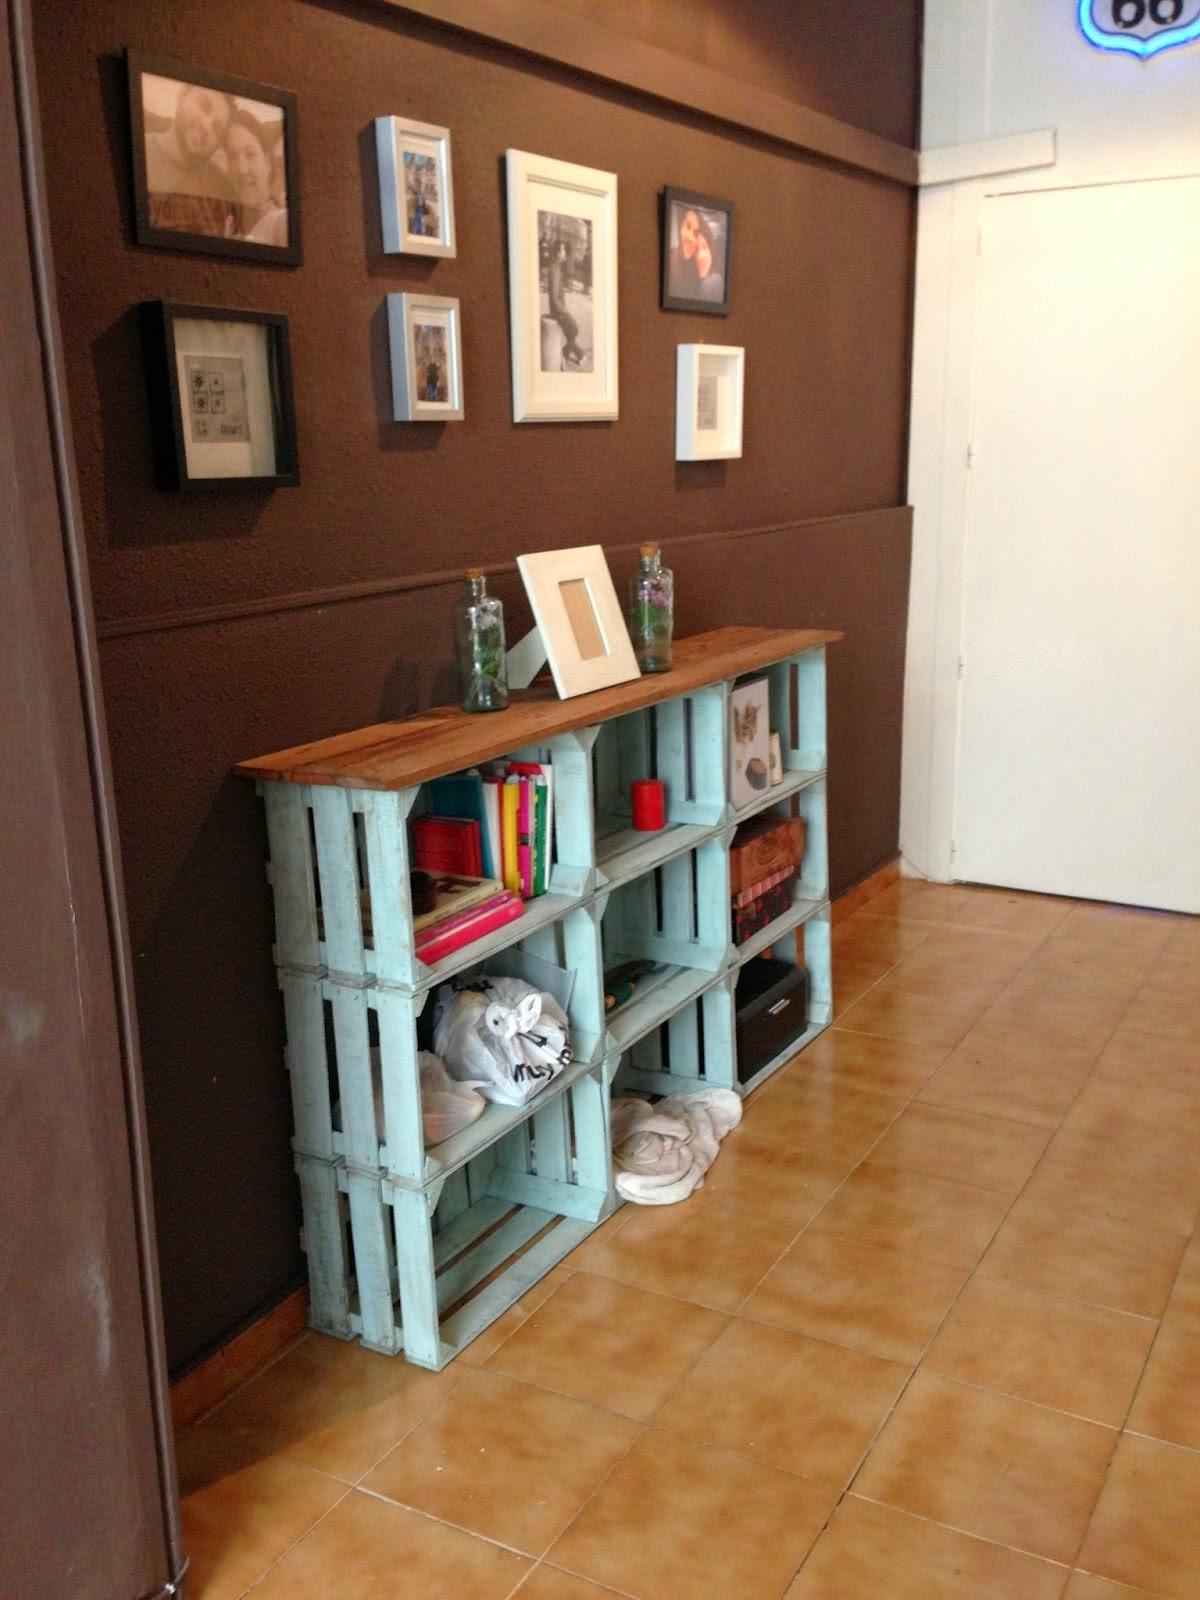 Ante todo con arte y paciencia 6 cajas de fruta - Cajas de fruta de madera para decorar ...